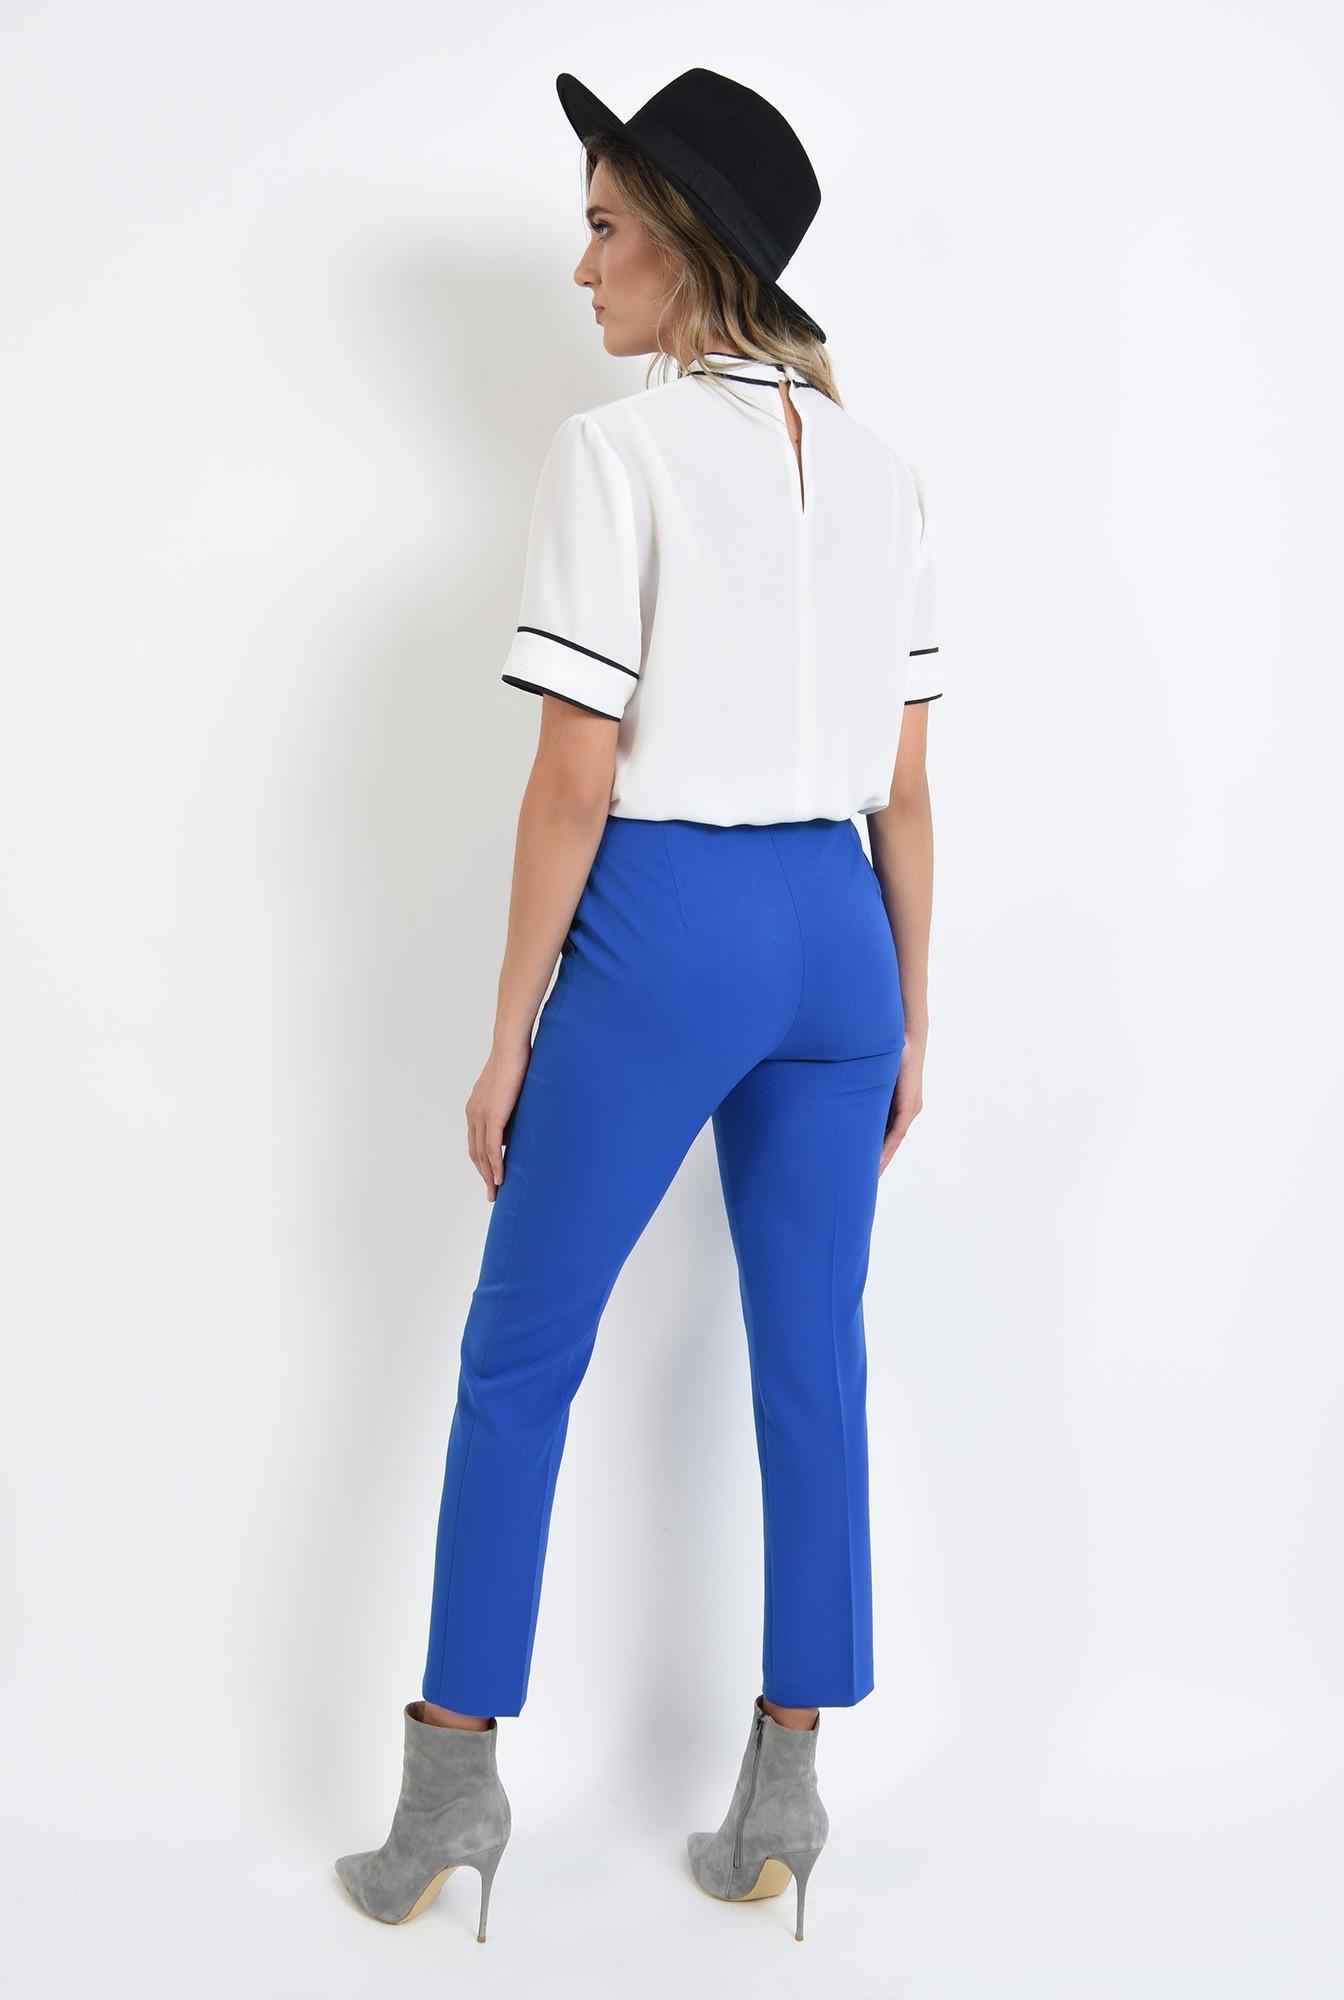 1 - 360 - pantaloni  cu talie medie, cu buzunare, conici